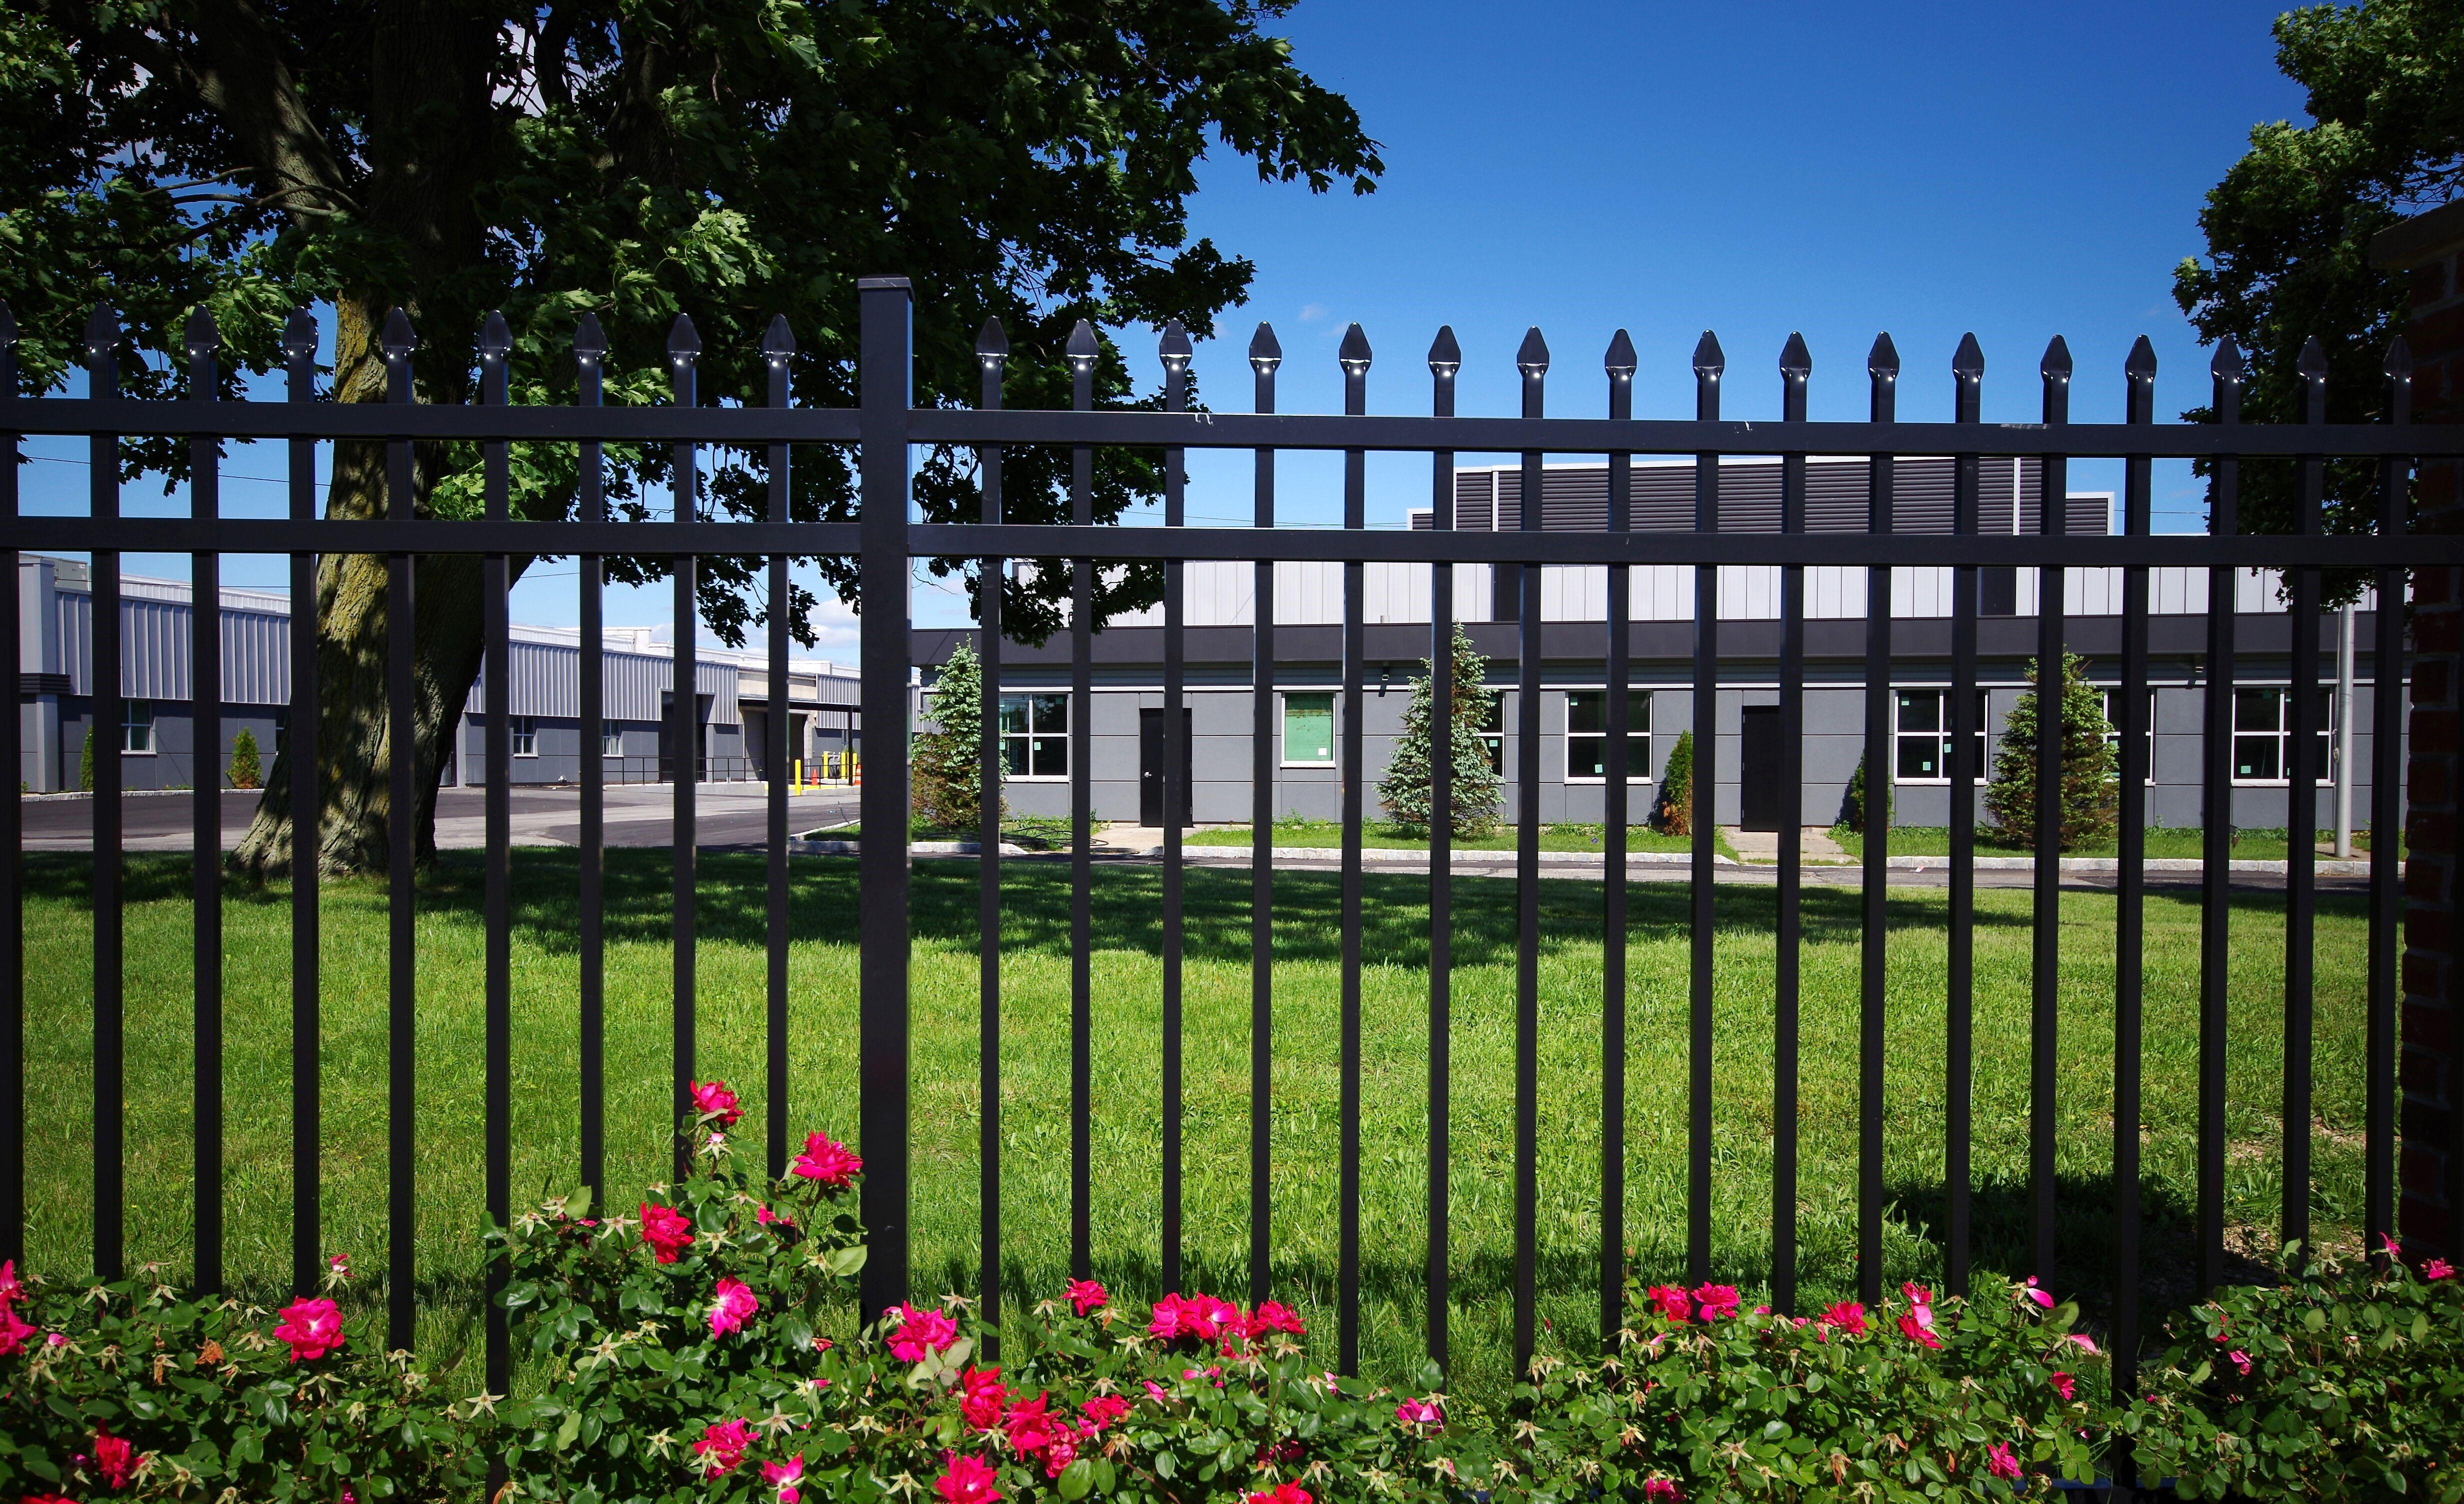 Aluminum Fence: Bonneville